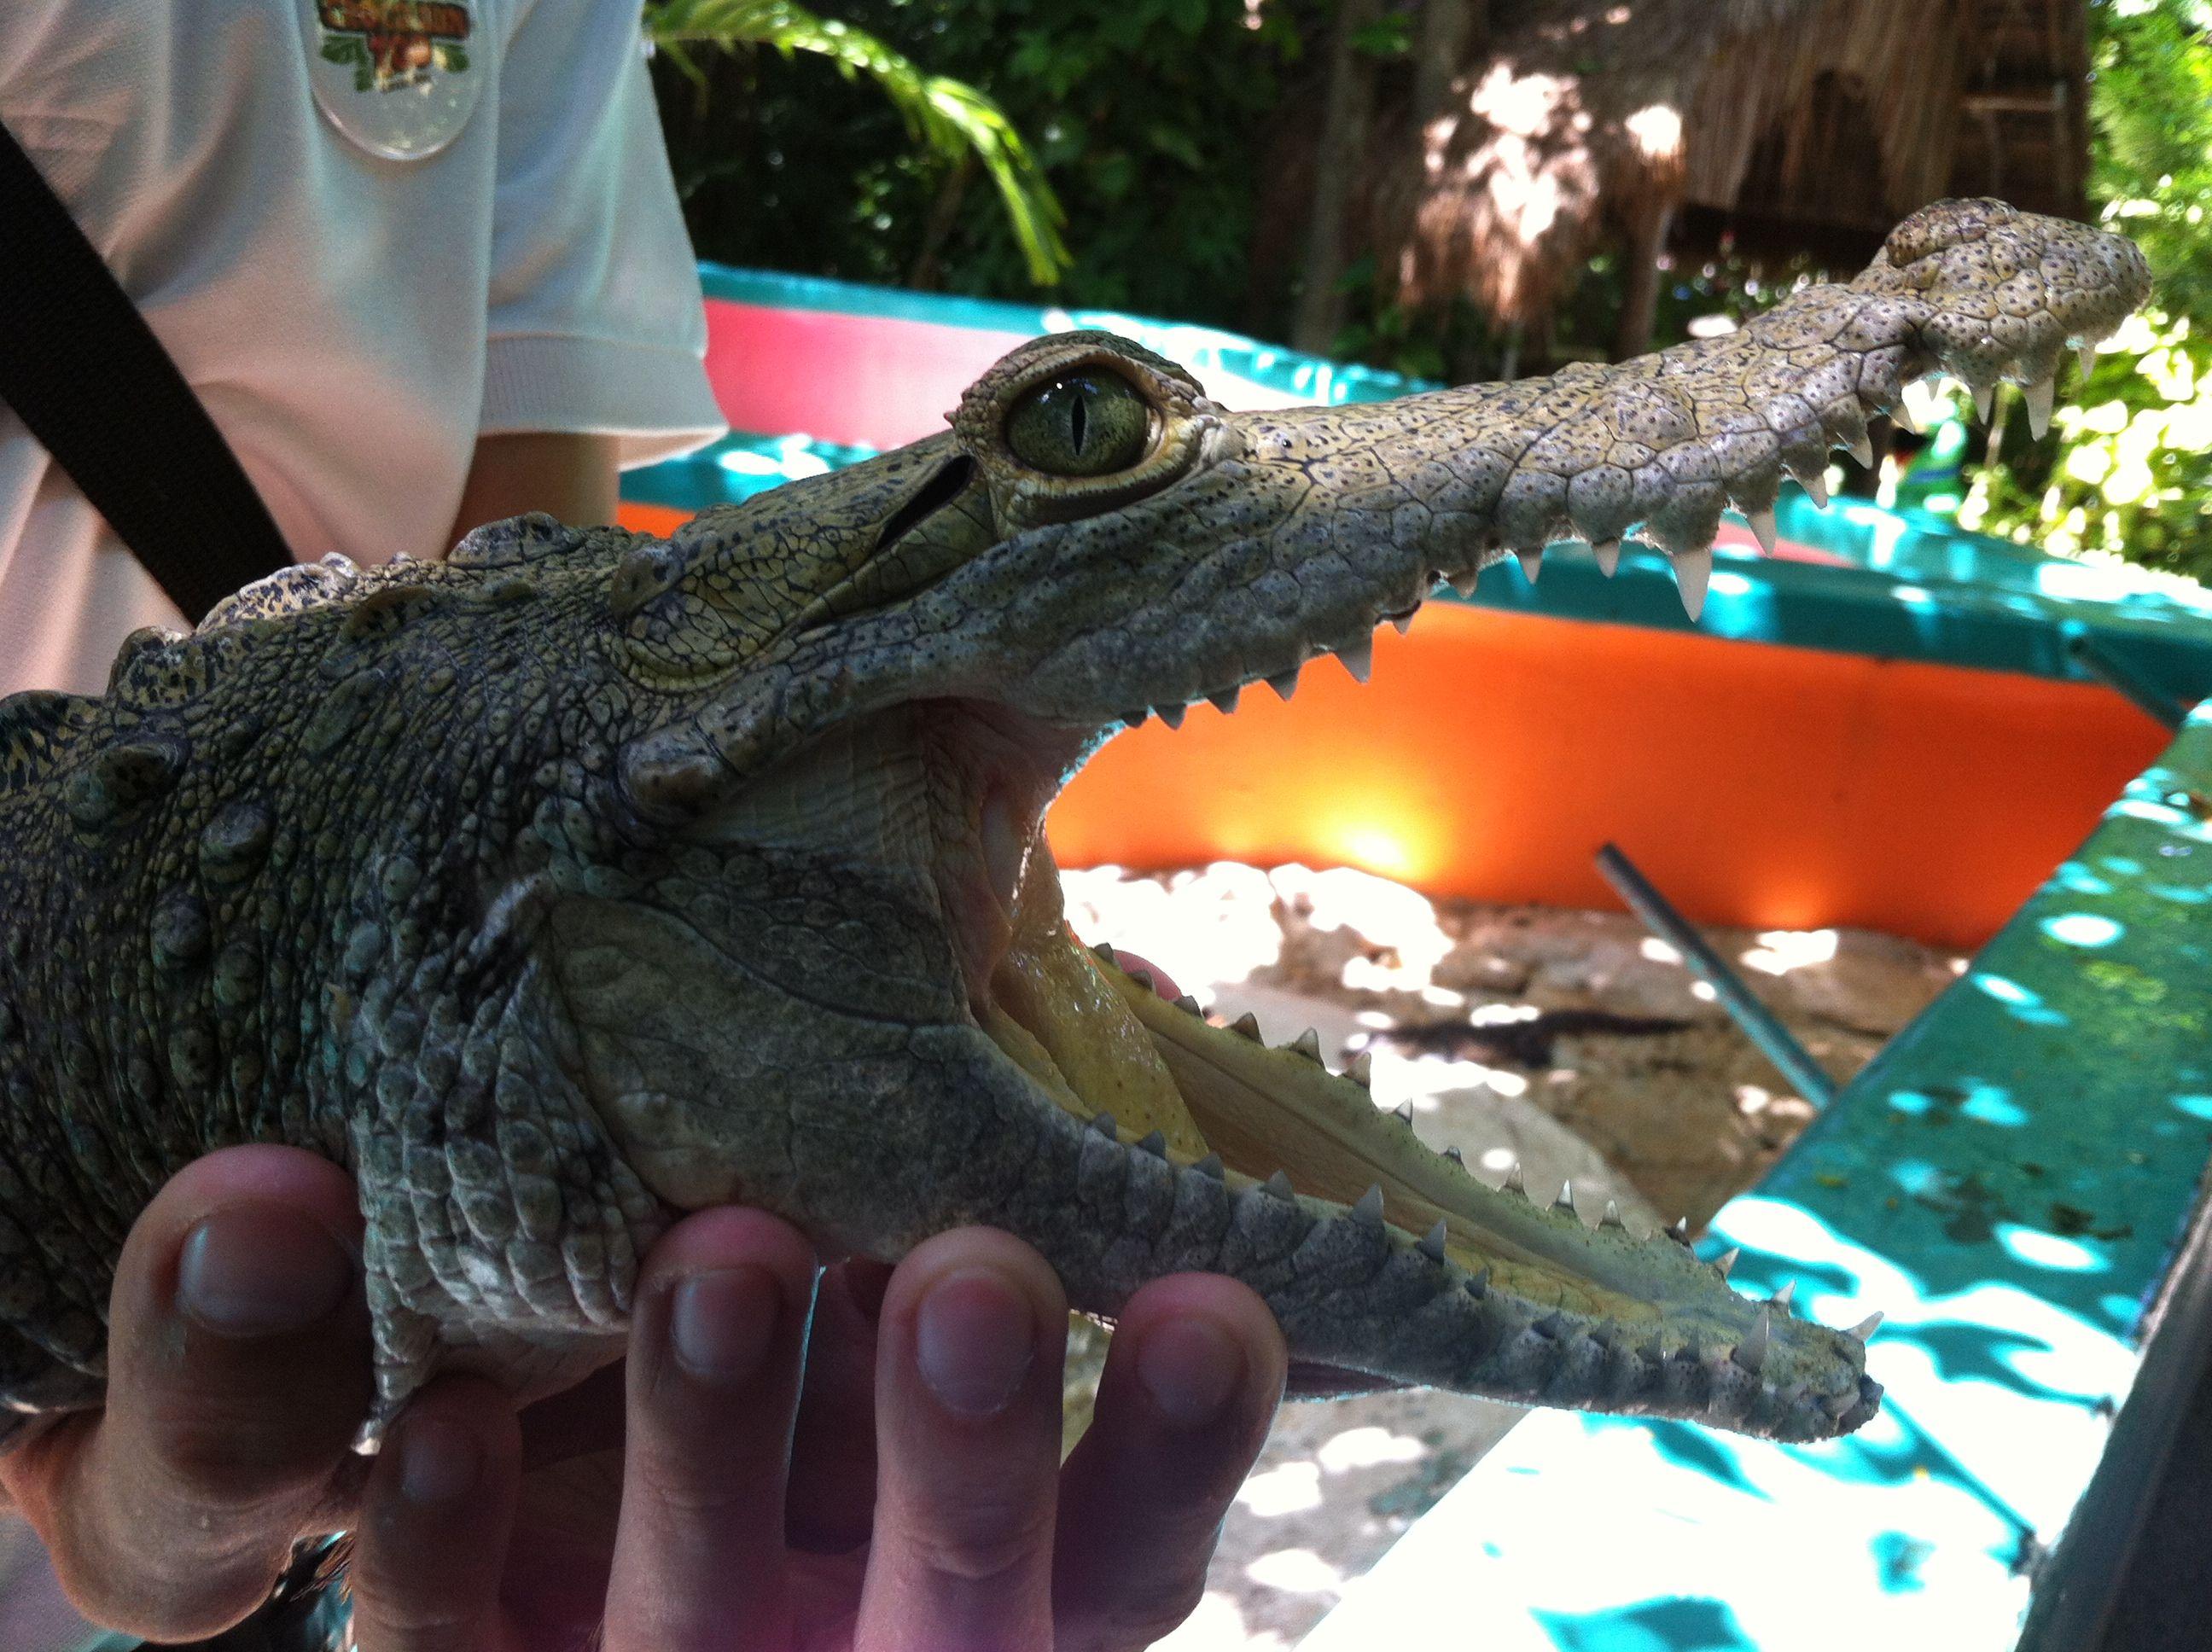 Un increíble y noble cocodrilo adolecente de pantano……. /    An amazing & noble swamp crocodile ......